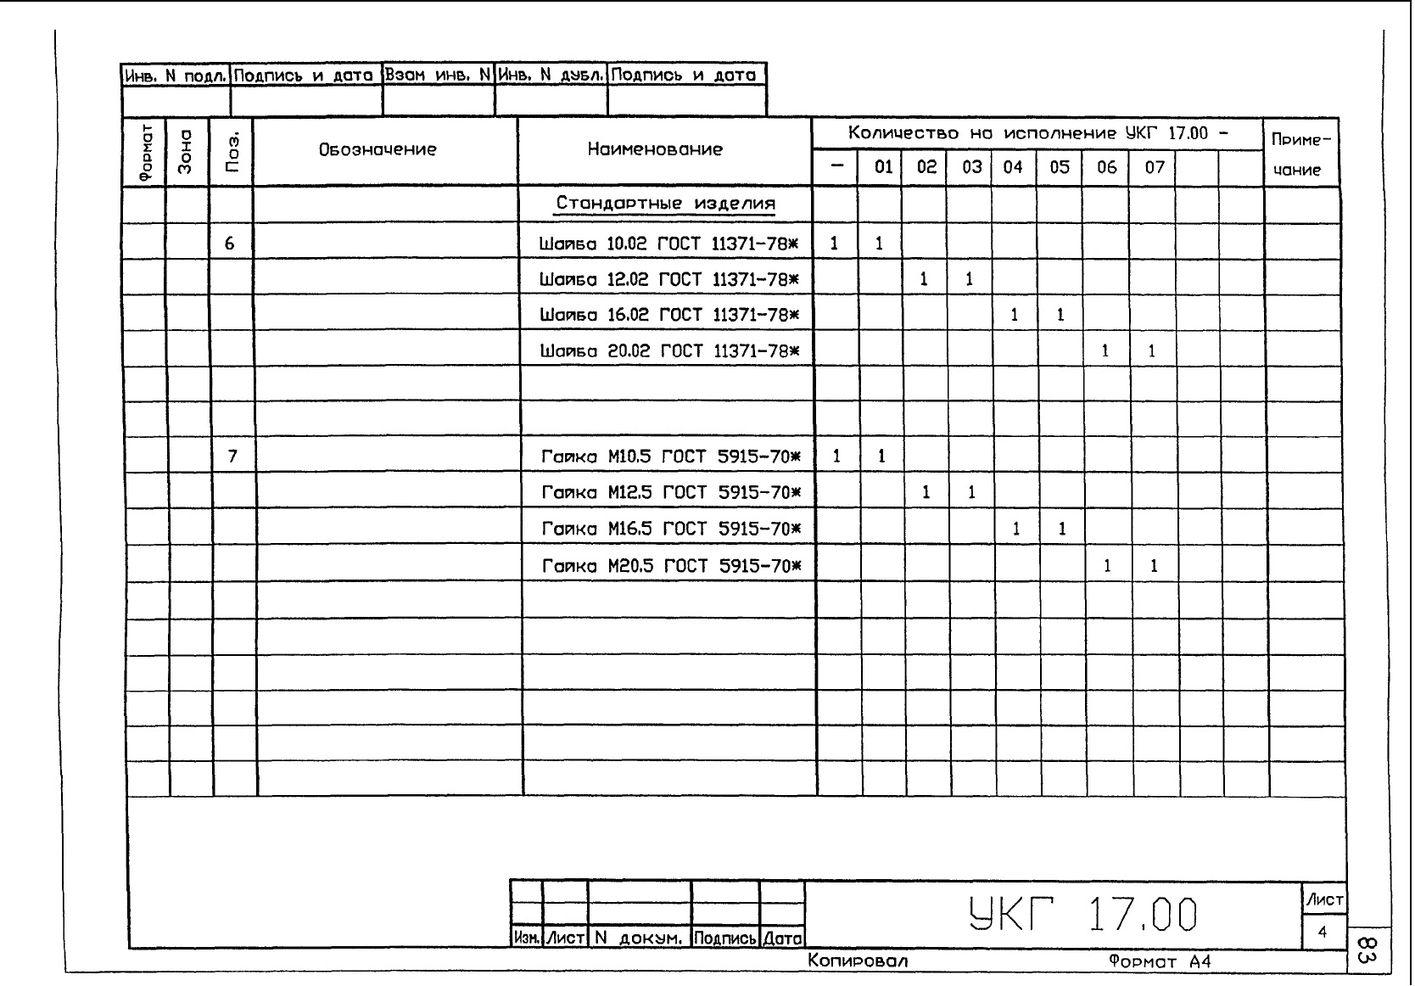 Подвеска с одной тягой, регулируемой гайкой УКГ 17.00 СБ серия 5.905-18.05 выпуск 1 стр.5